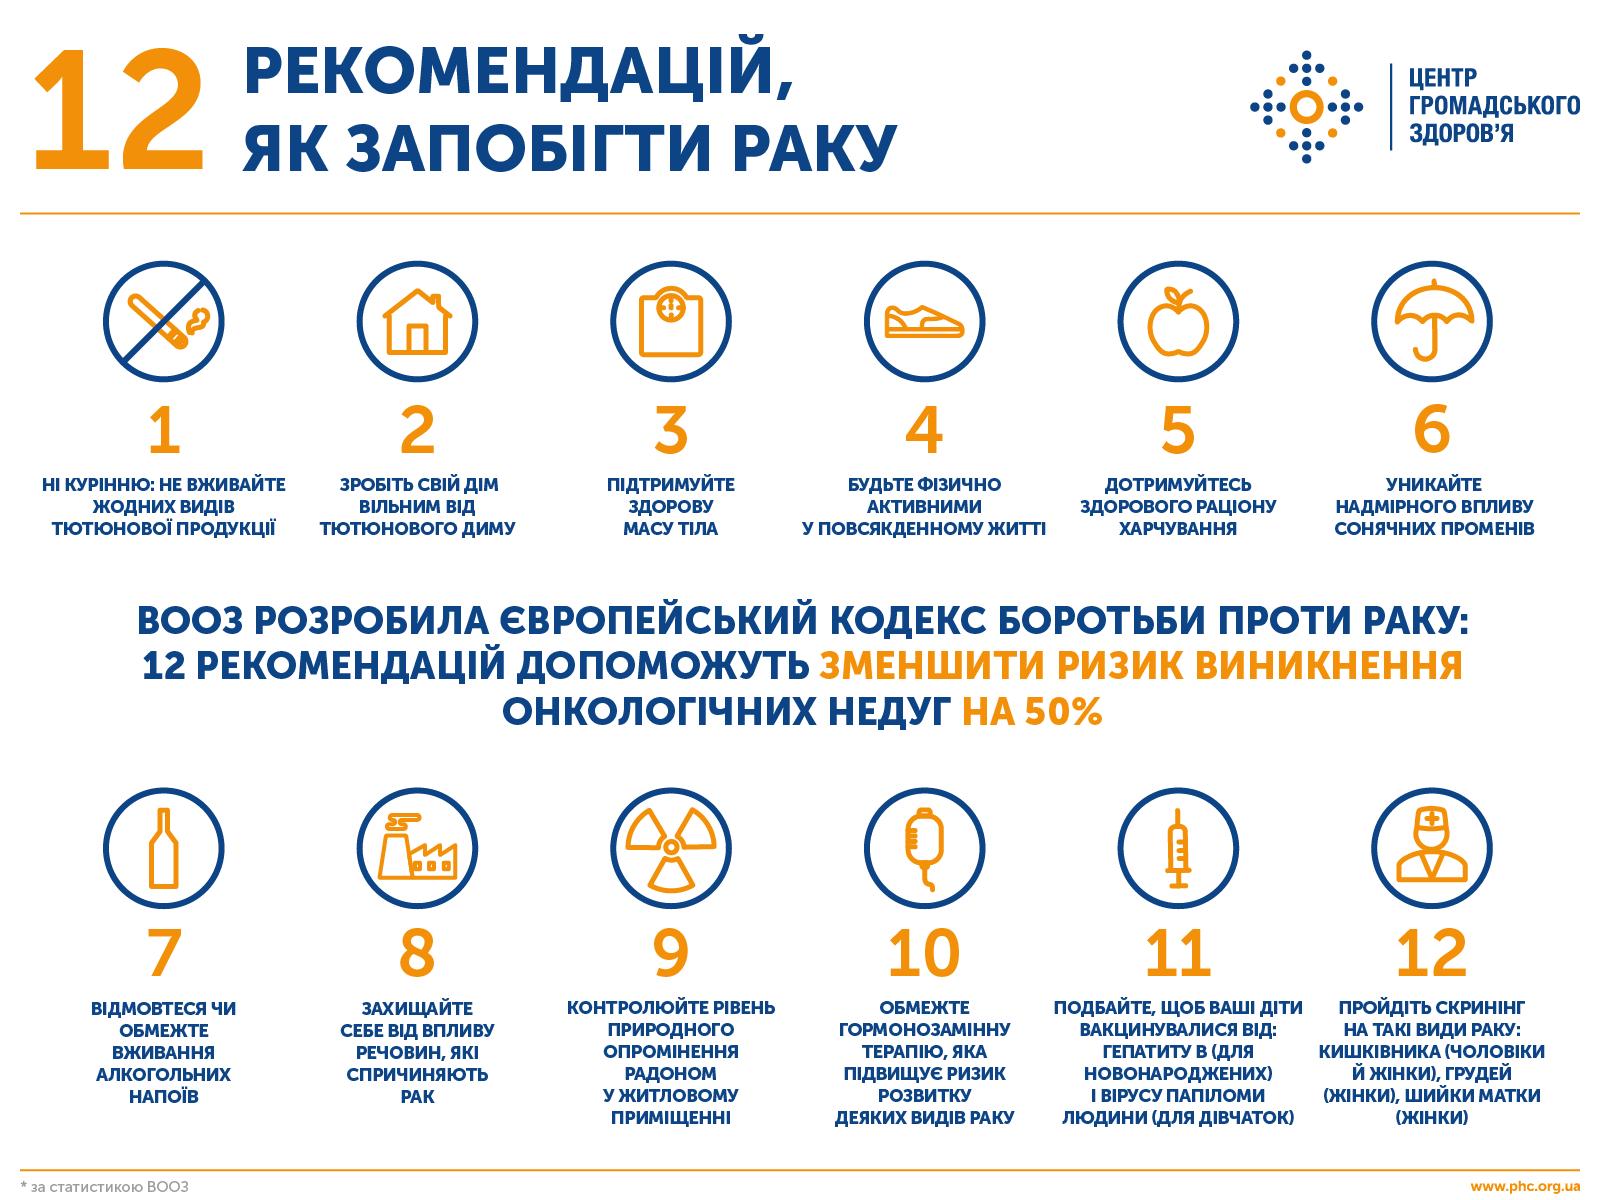 ВООЗ дає 12 рекомендацій для запобігання раку